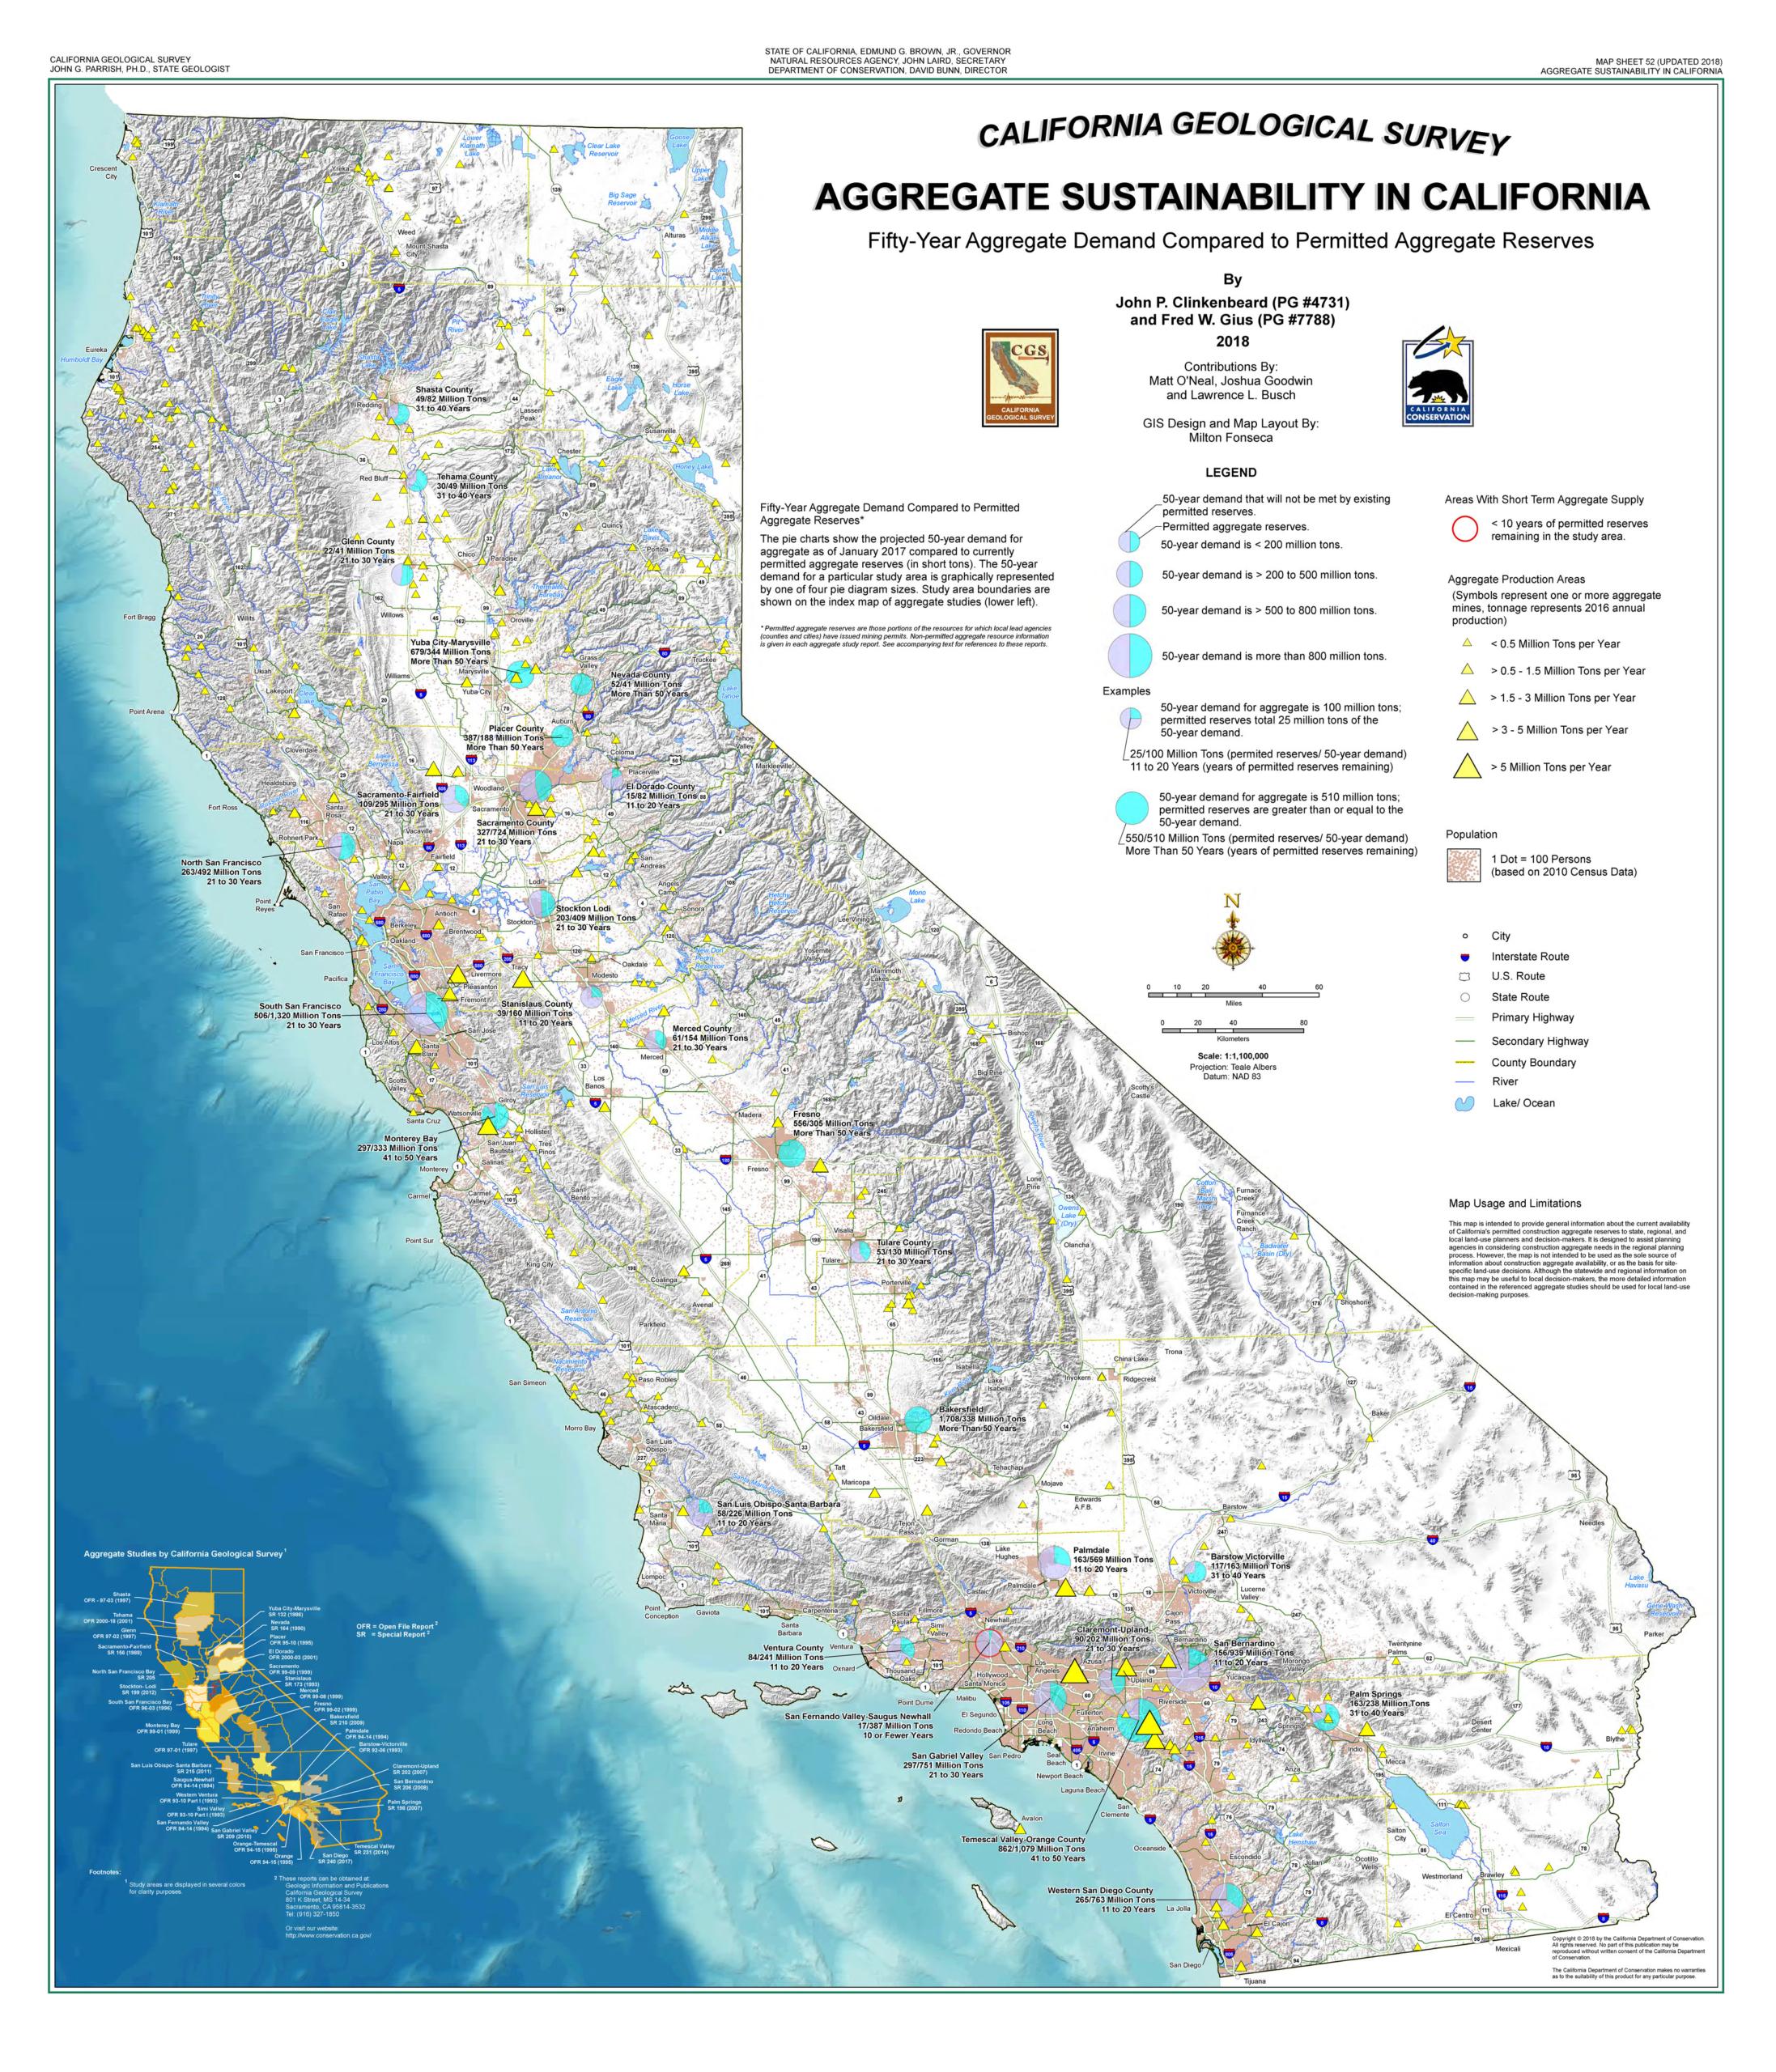 California Aggregate Shortage